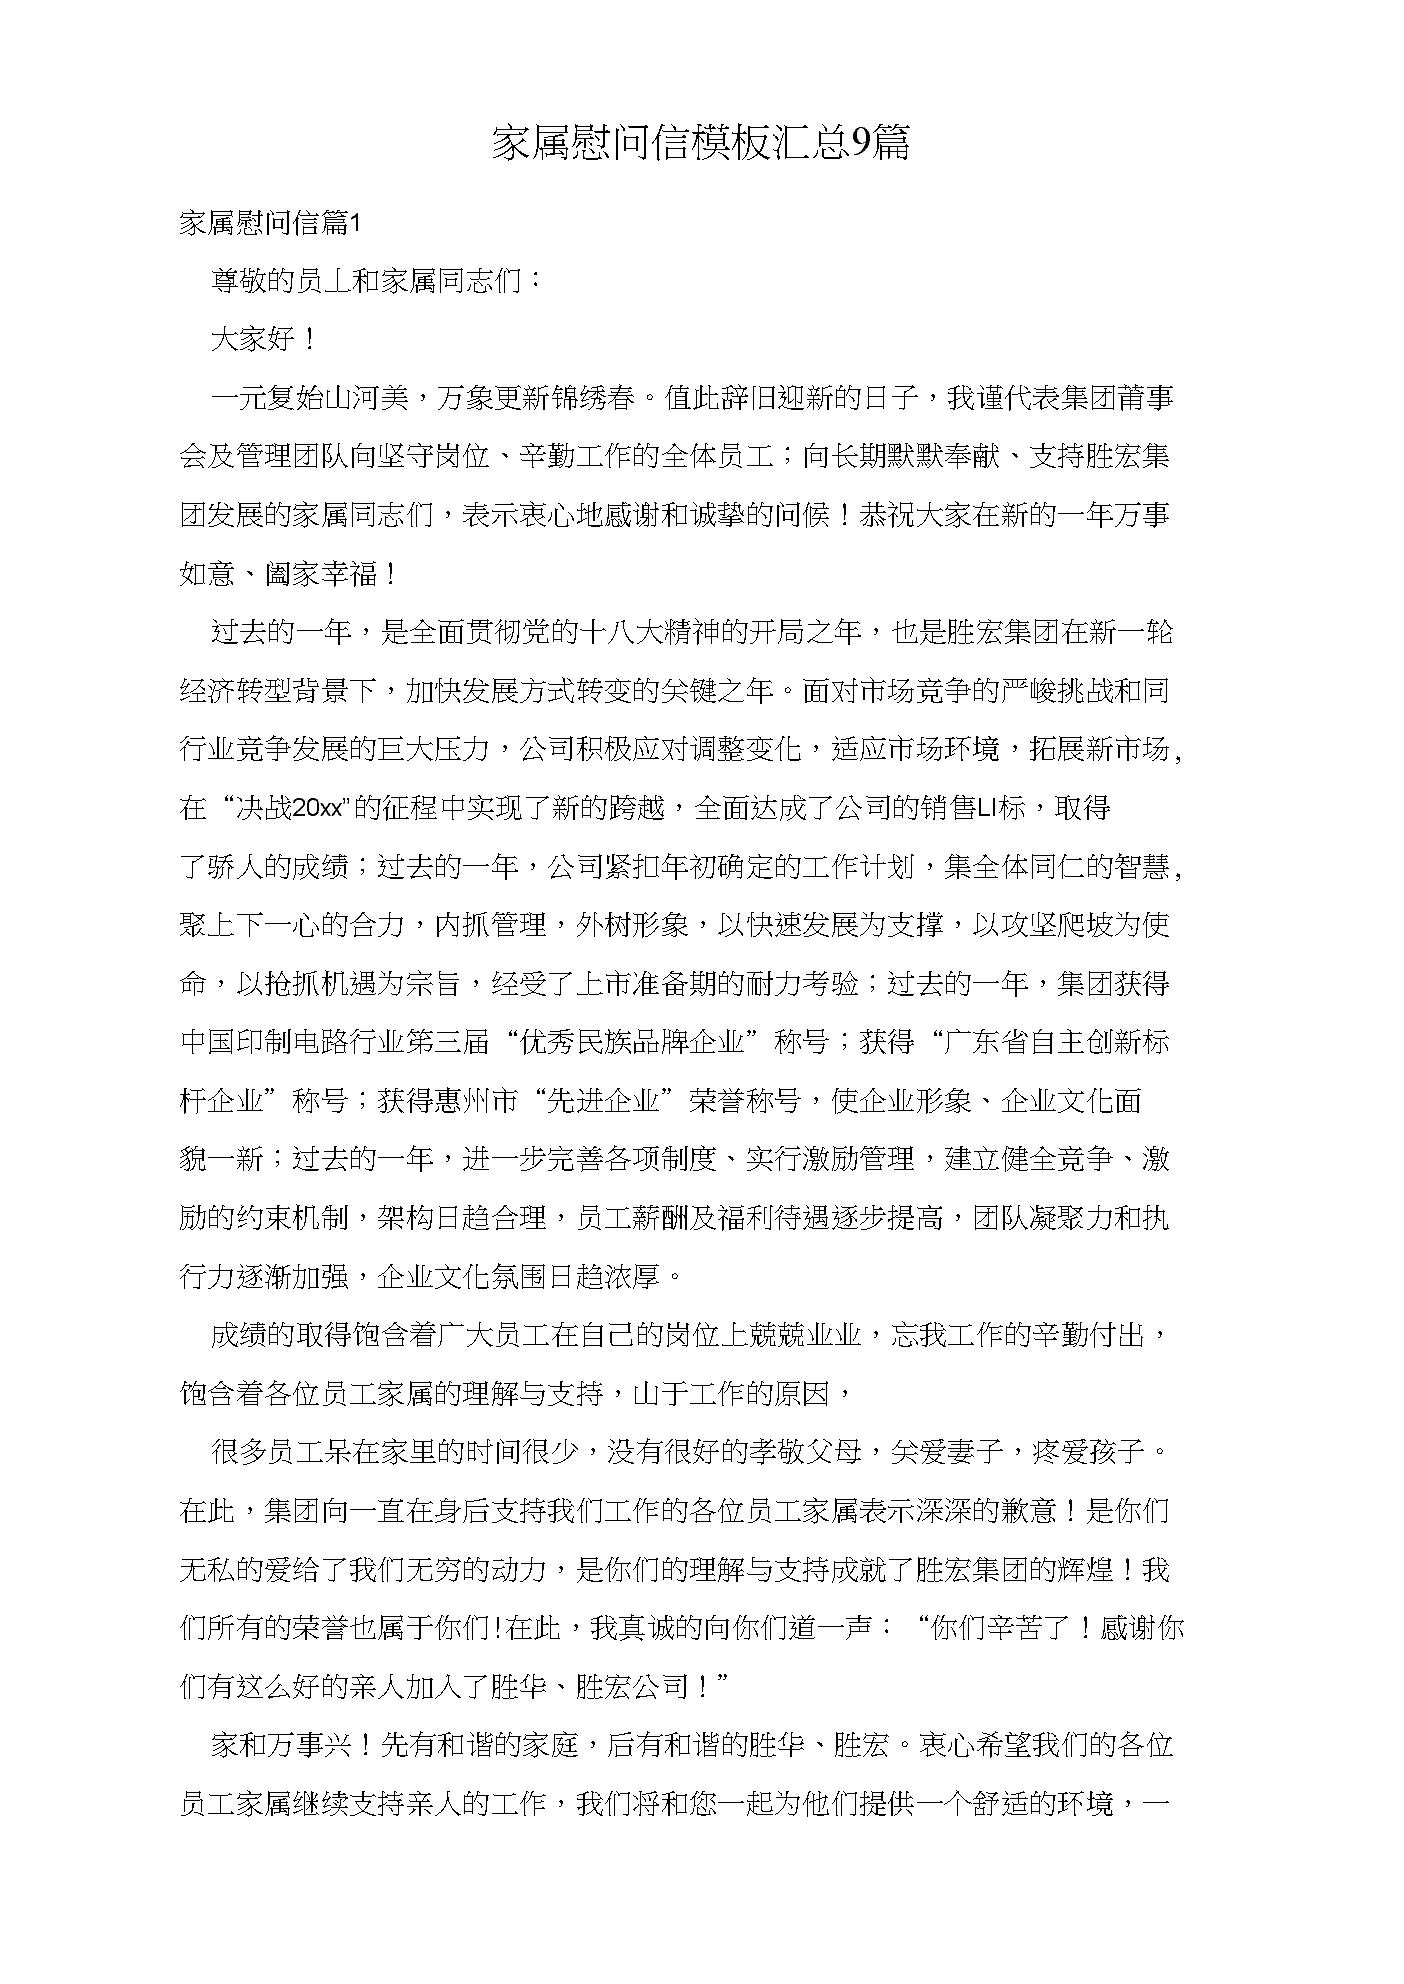 家属慰问信模板汇总9篇.docx